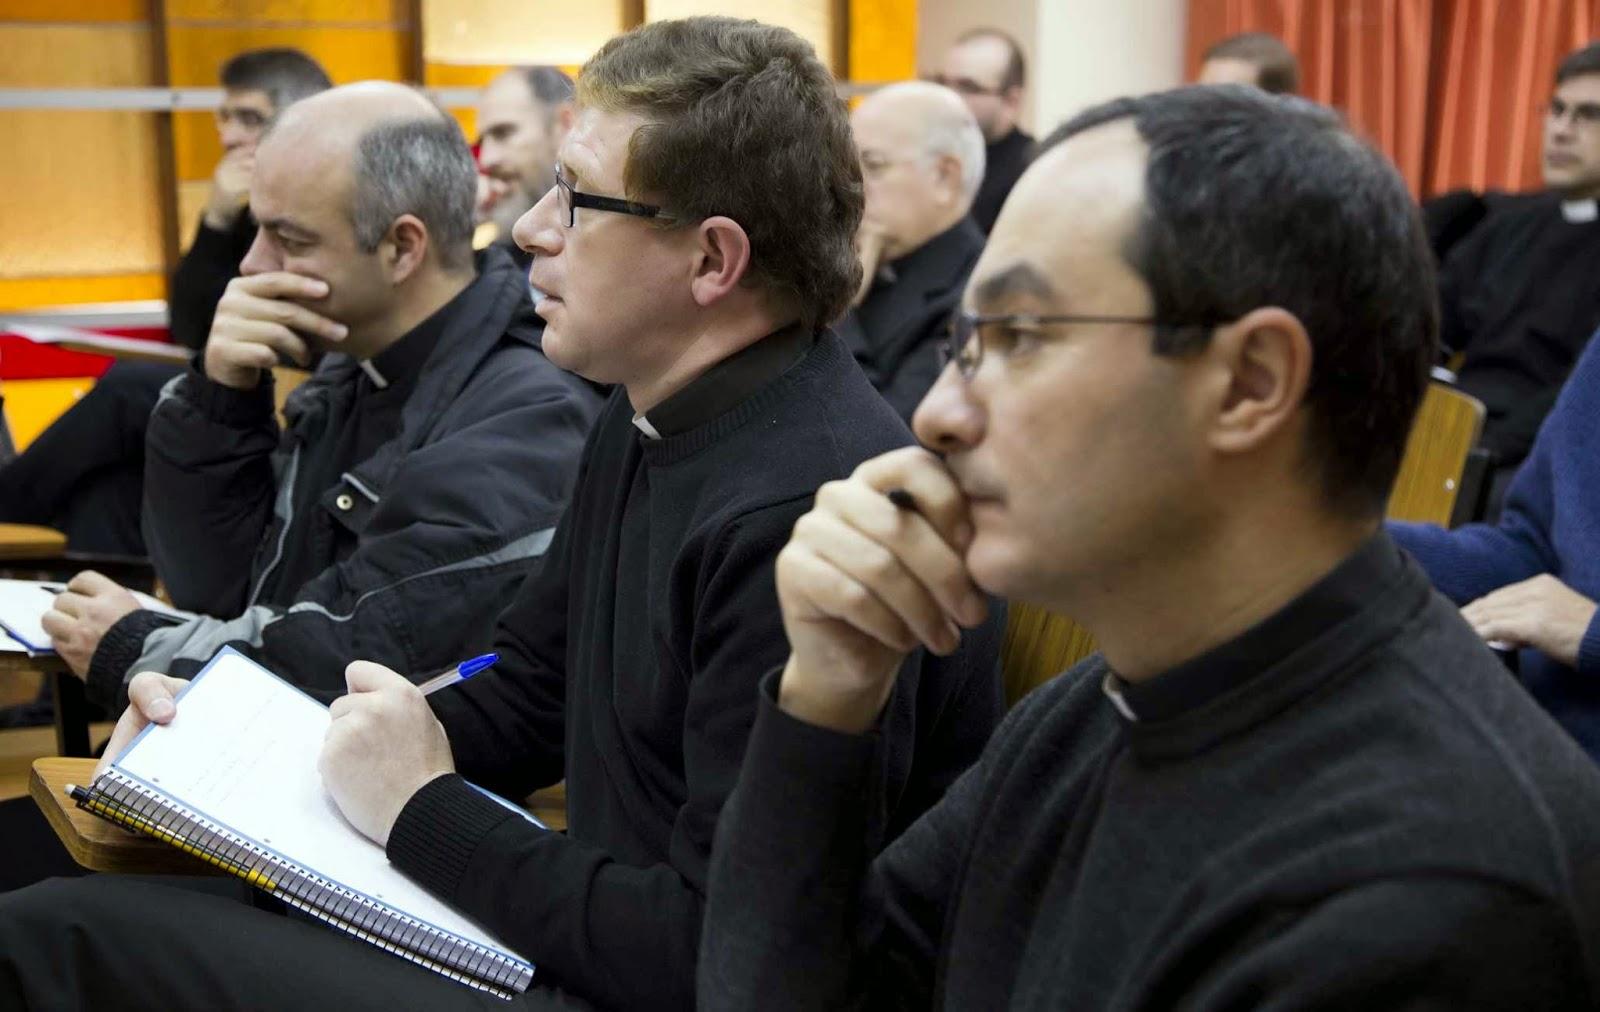 Clerigos estudiando